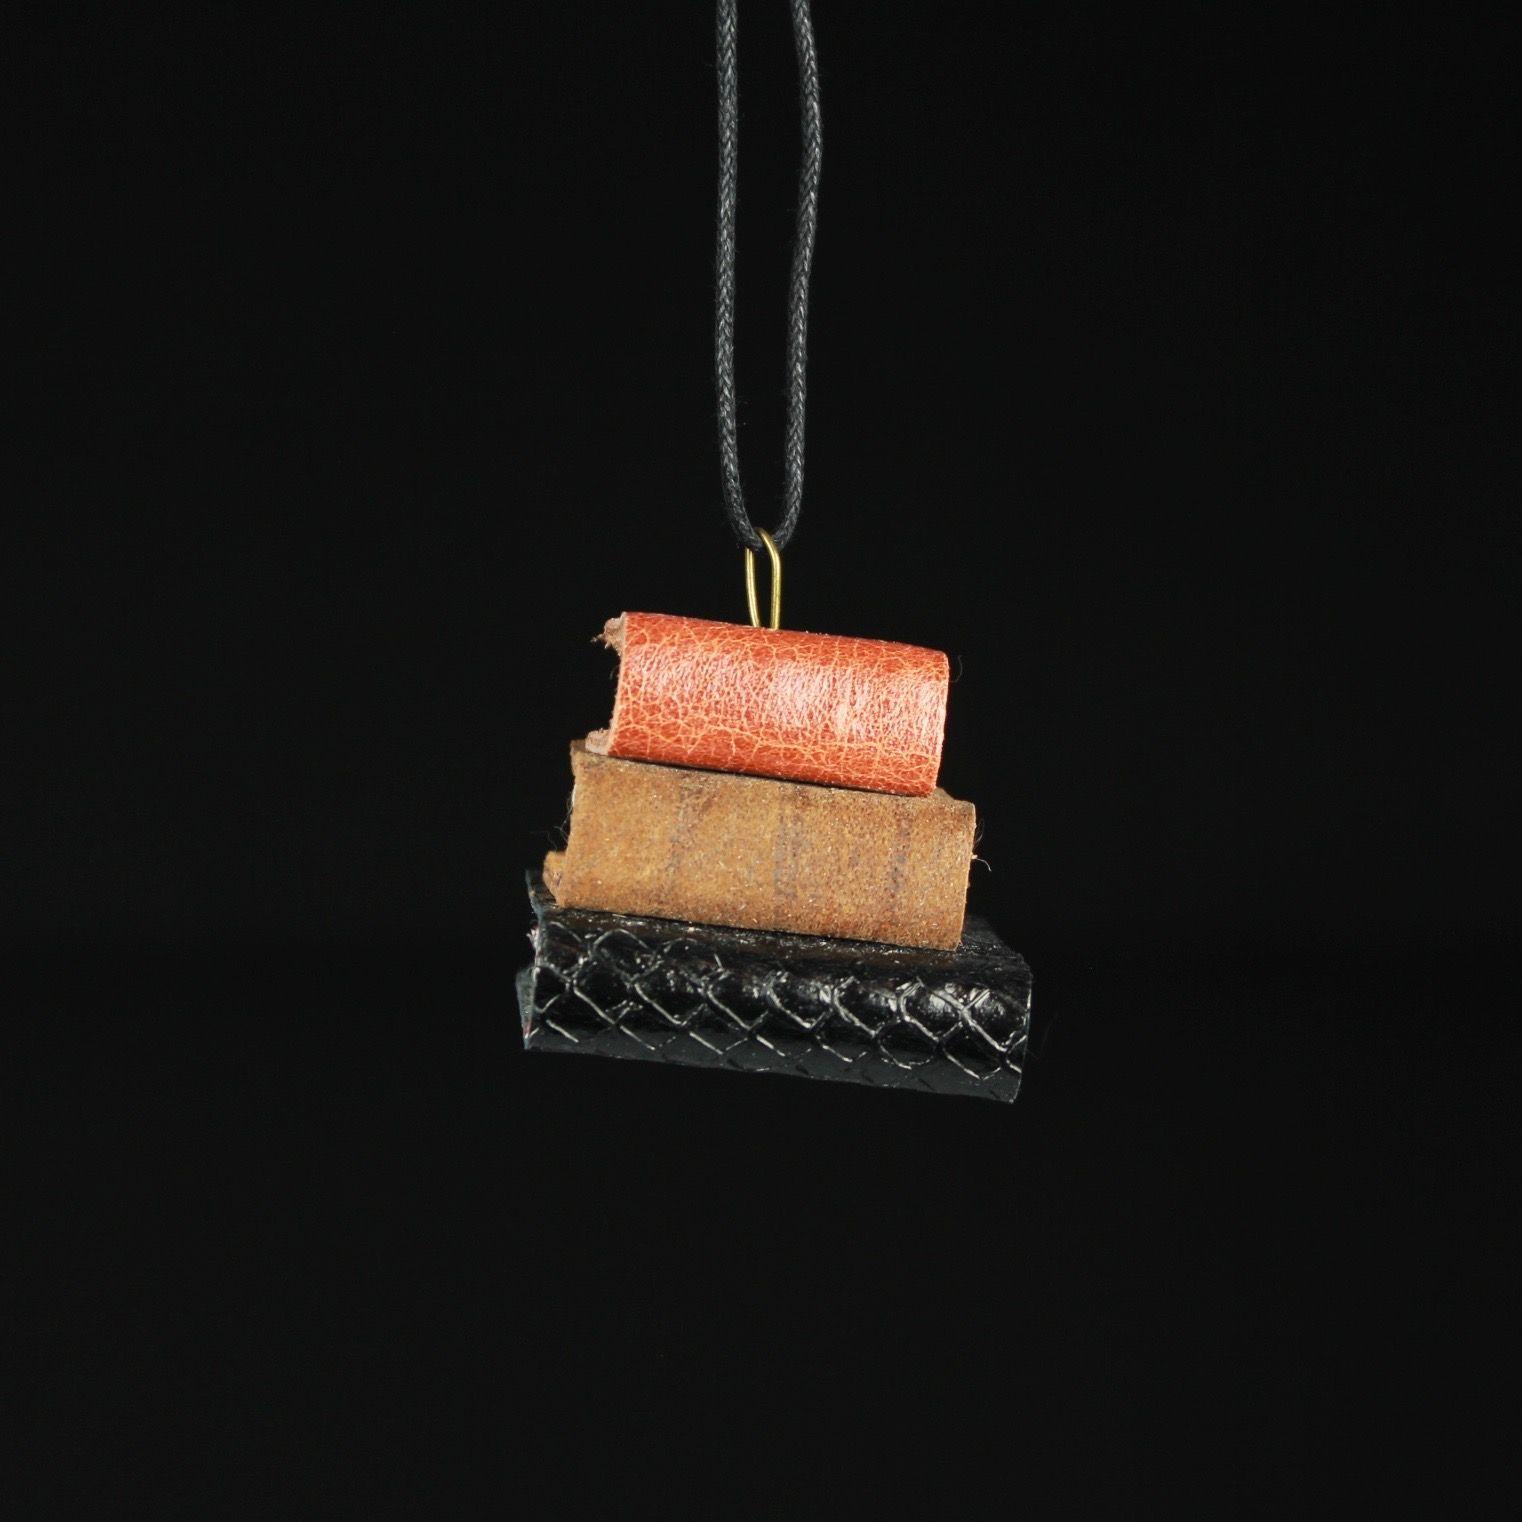 Brown, Tan, & Black Book Ornament